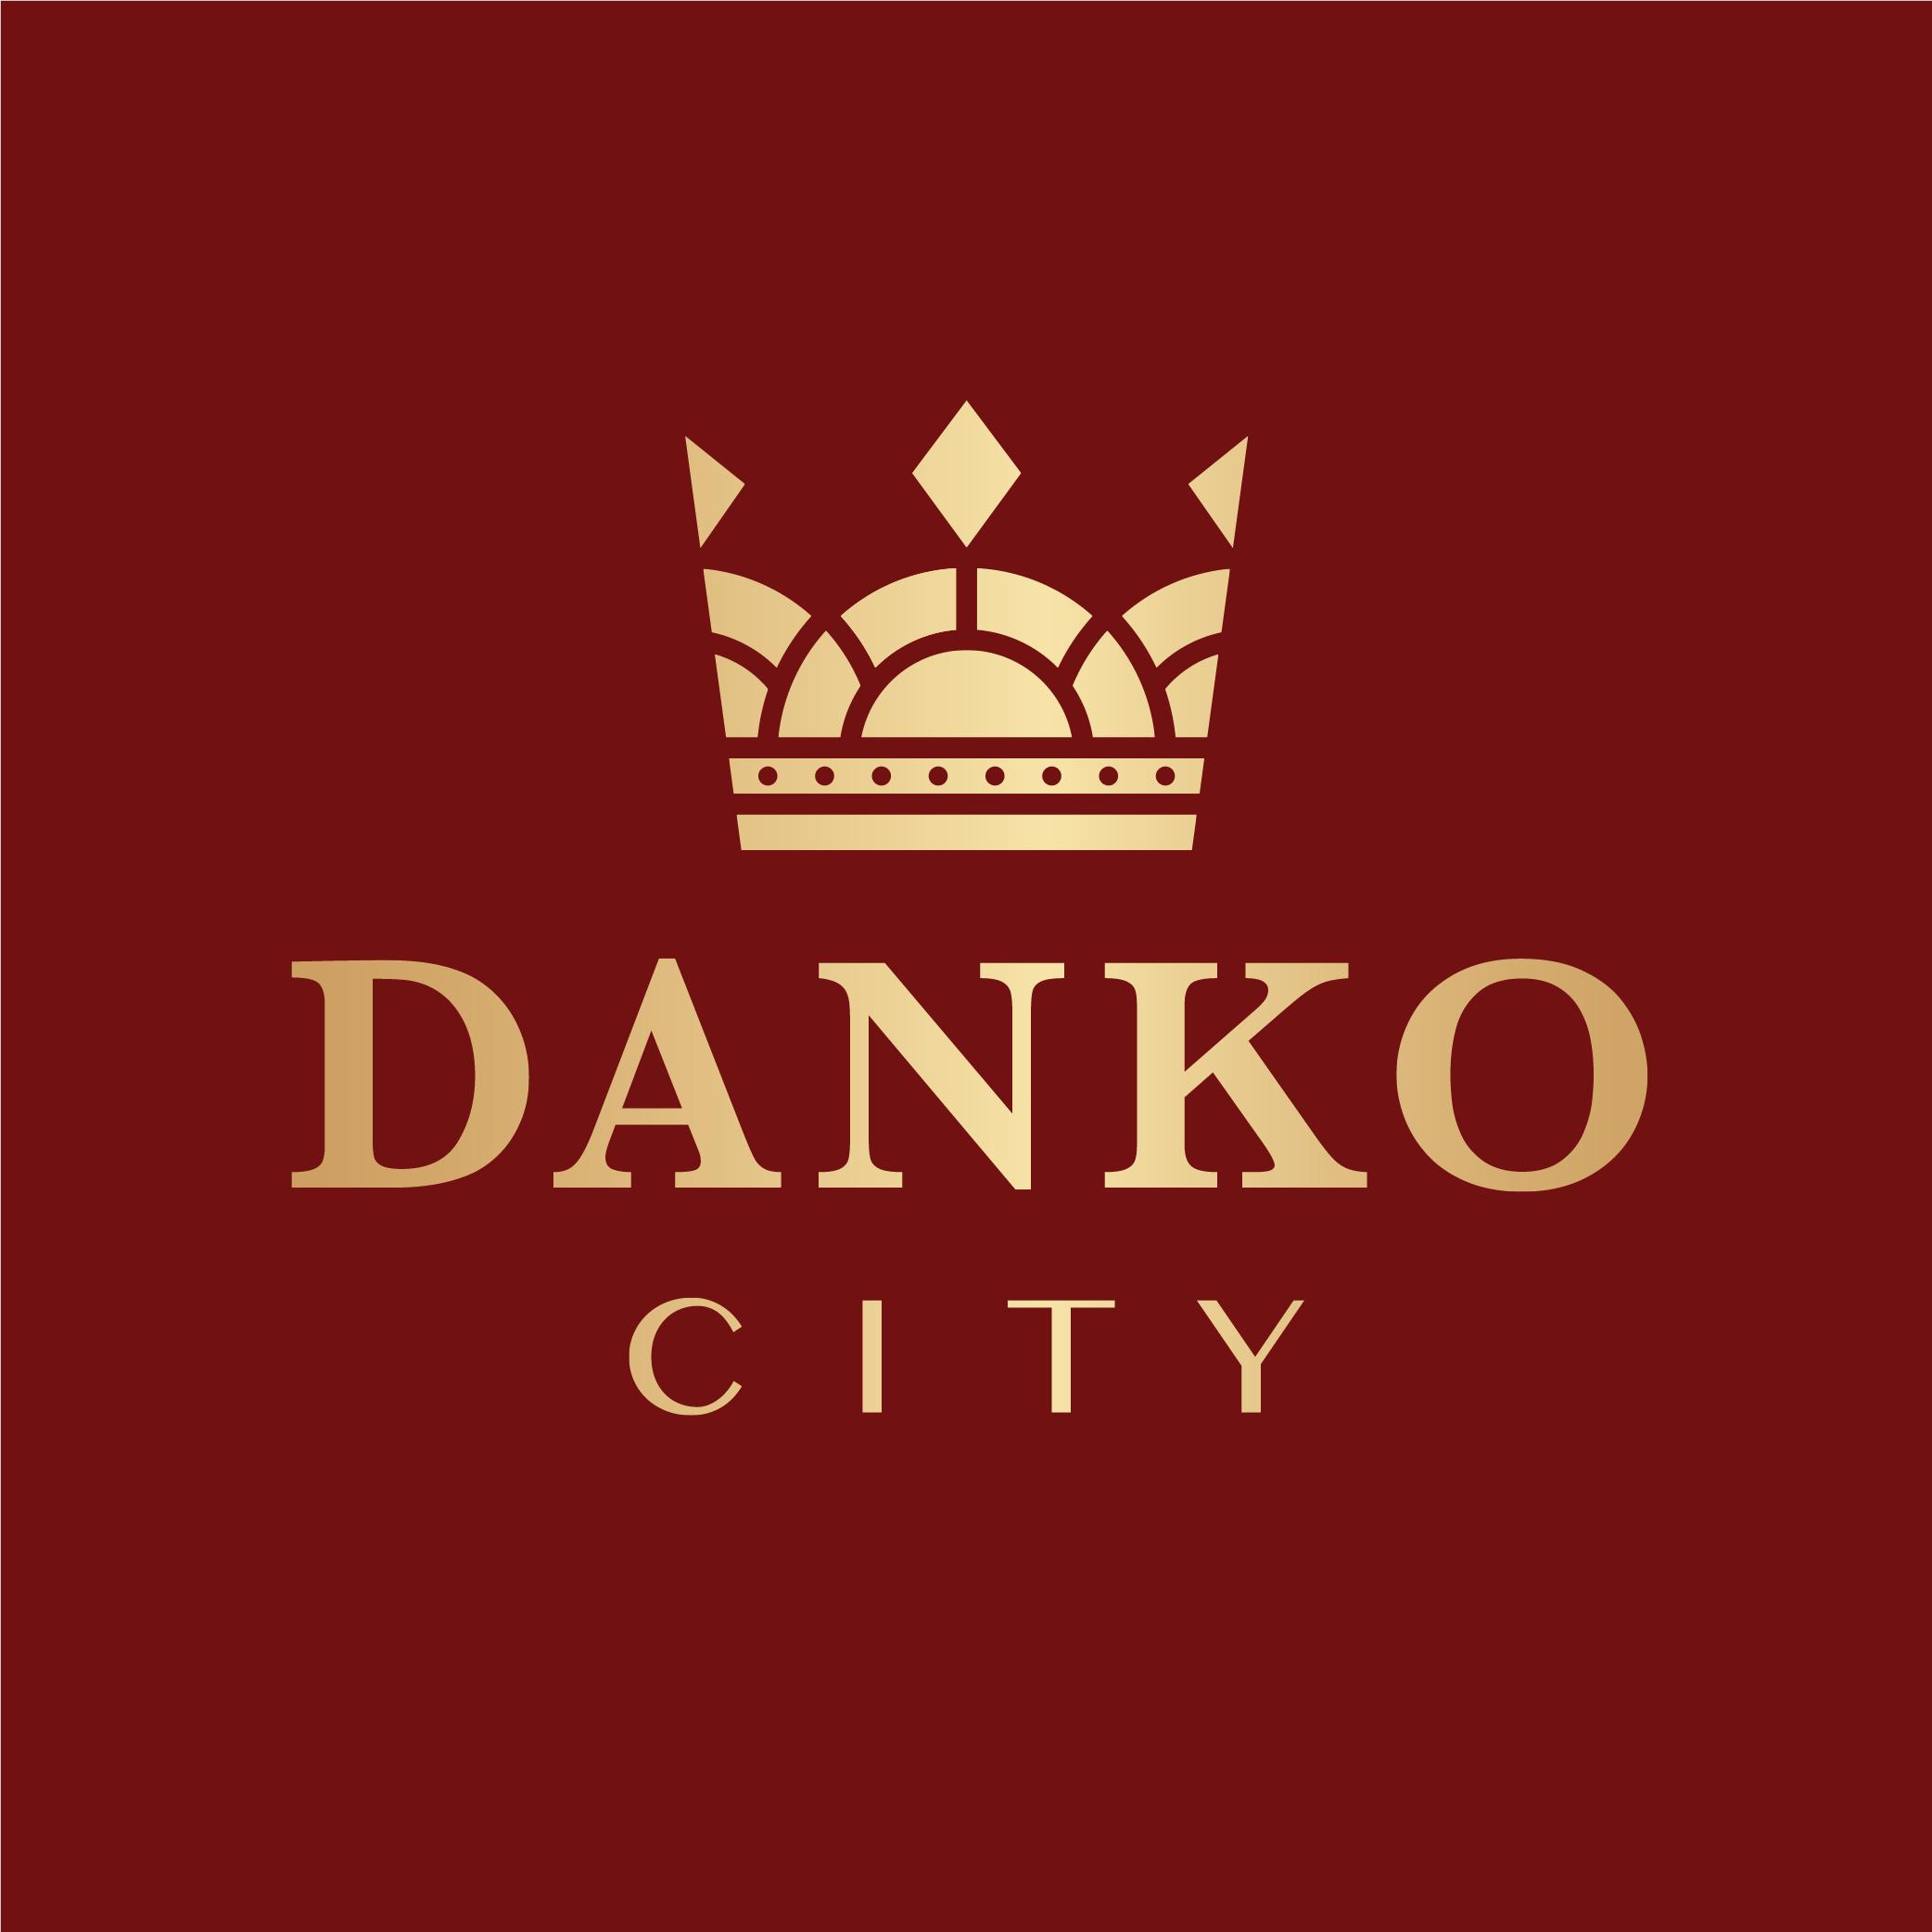 DANKO CITY – THÁI NGUYÊN